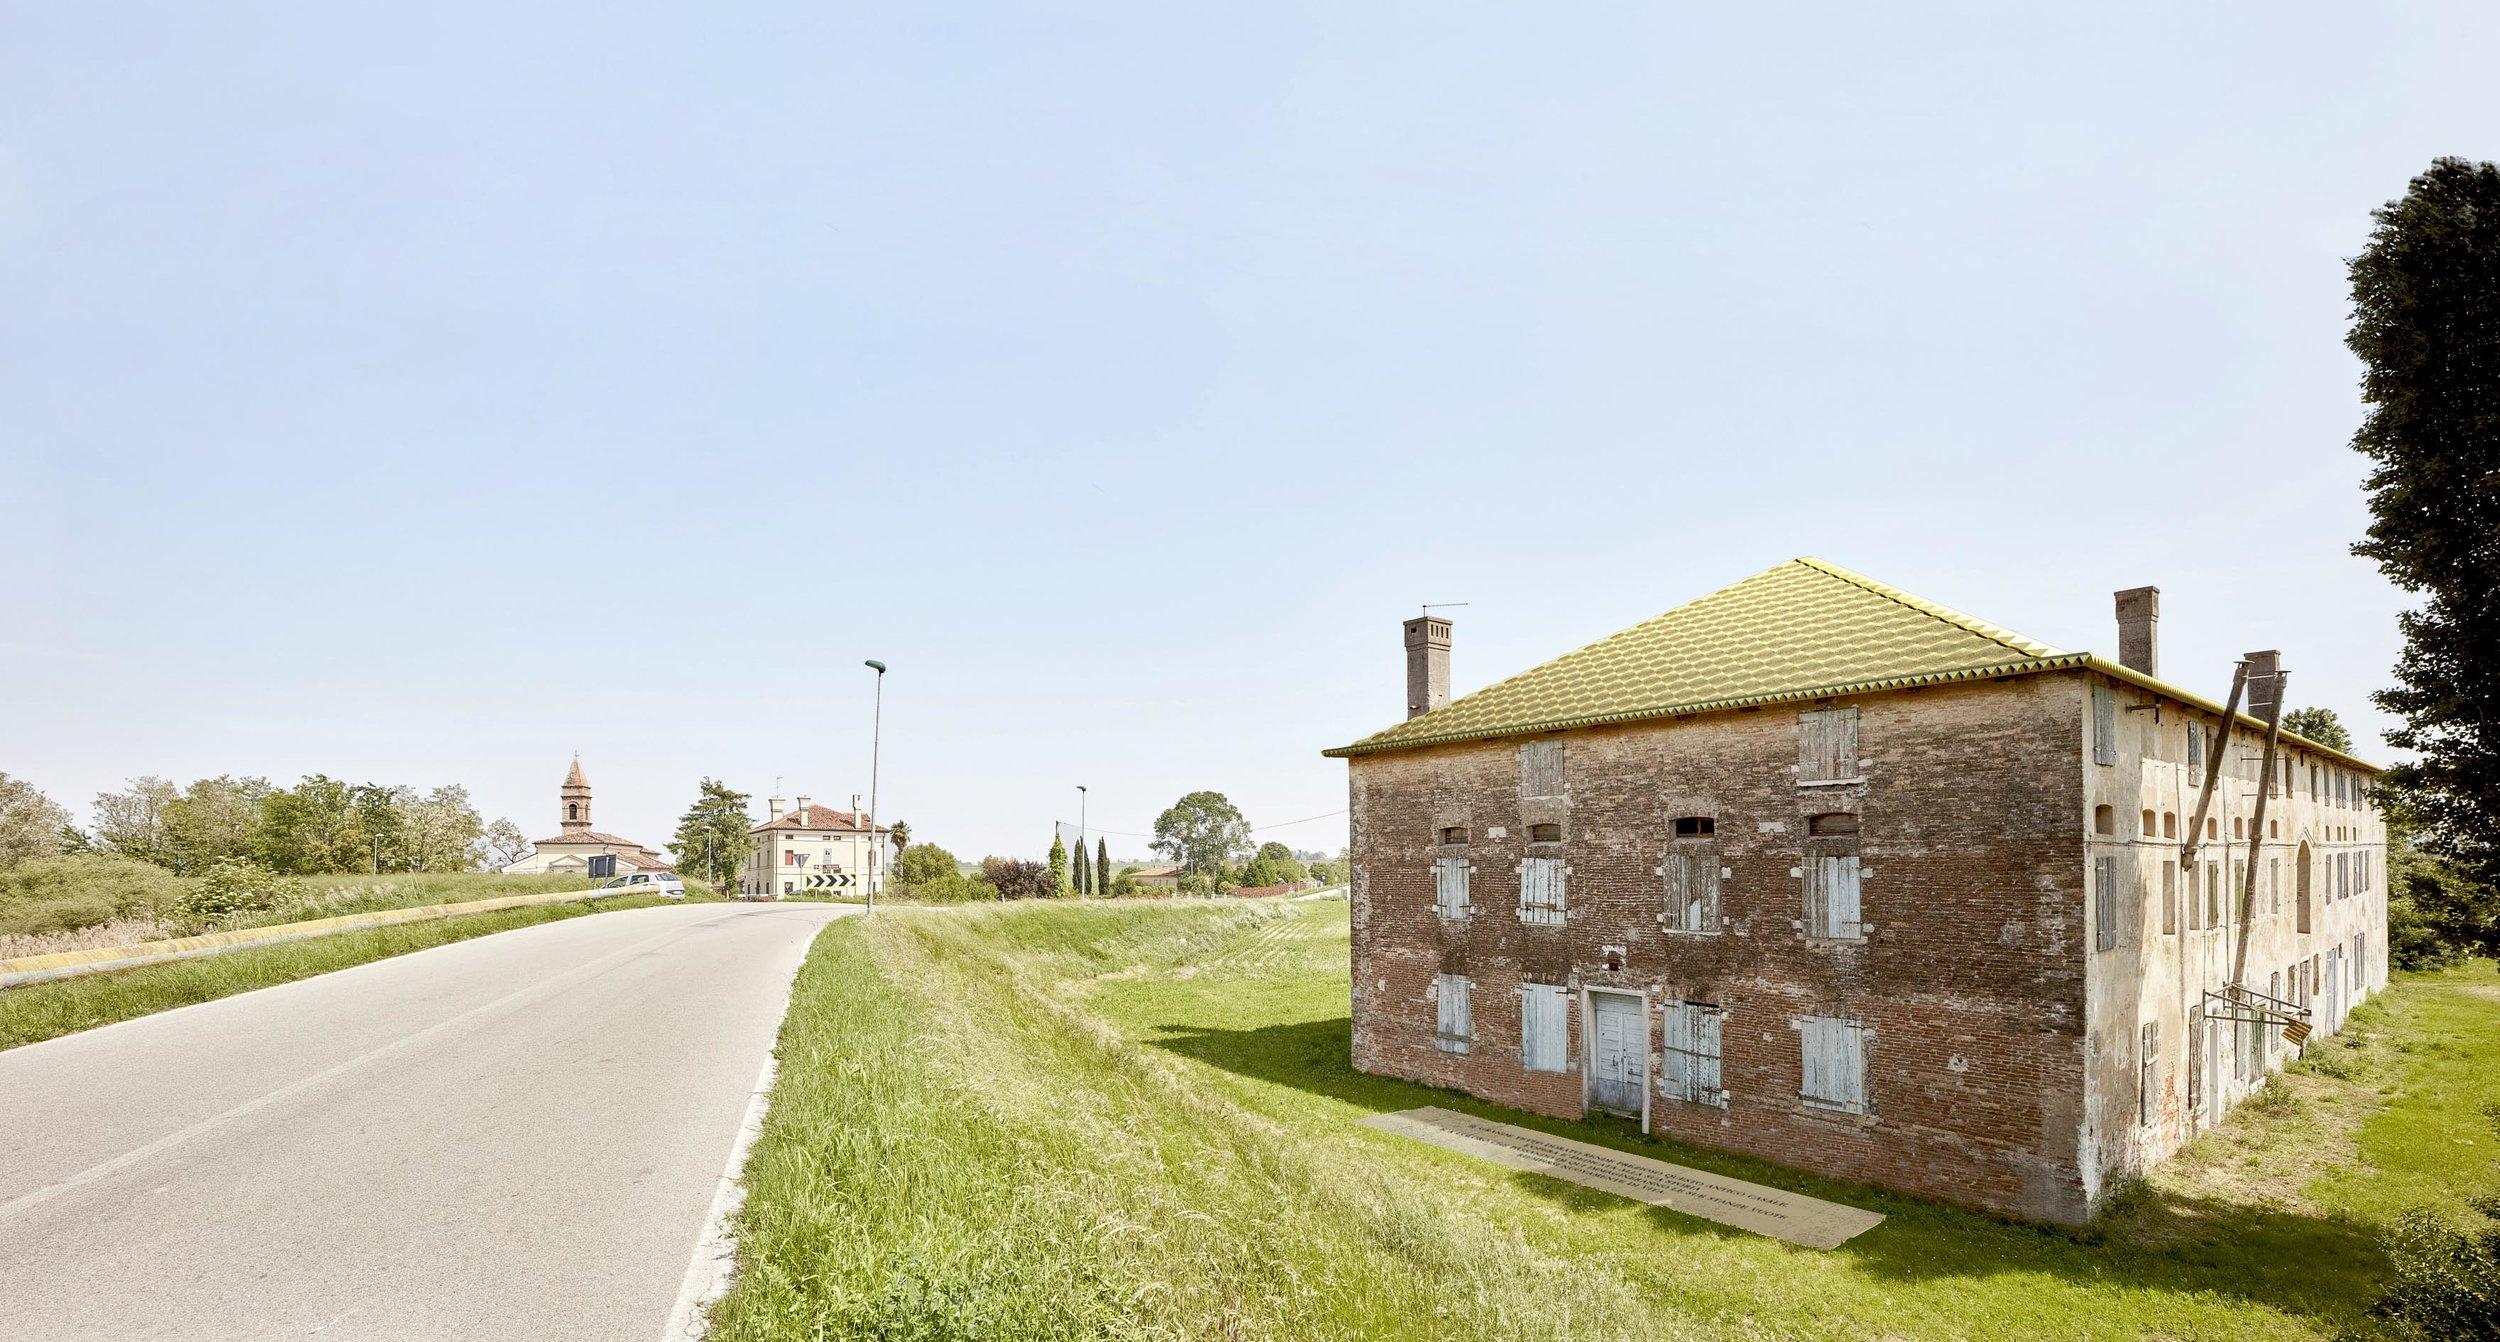 Alberto Garutti,  Il grande tetto dorato rende prezioso questo antico casale. Quest'opera è dedicata alla sua storia e a coloro che passando di qui immagineranno le sue stanze vuote riempirsi nuovamente di vita. , 2017